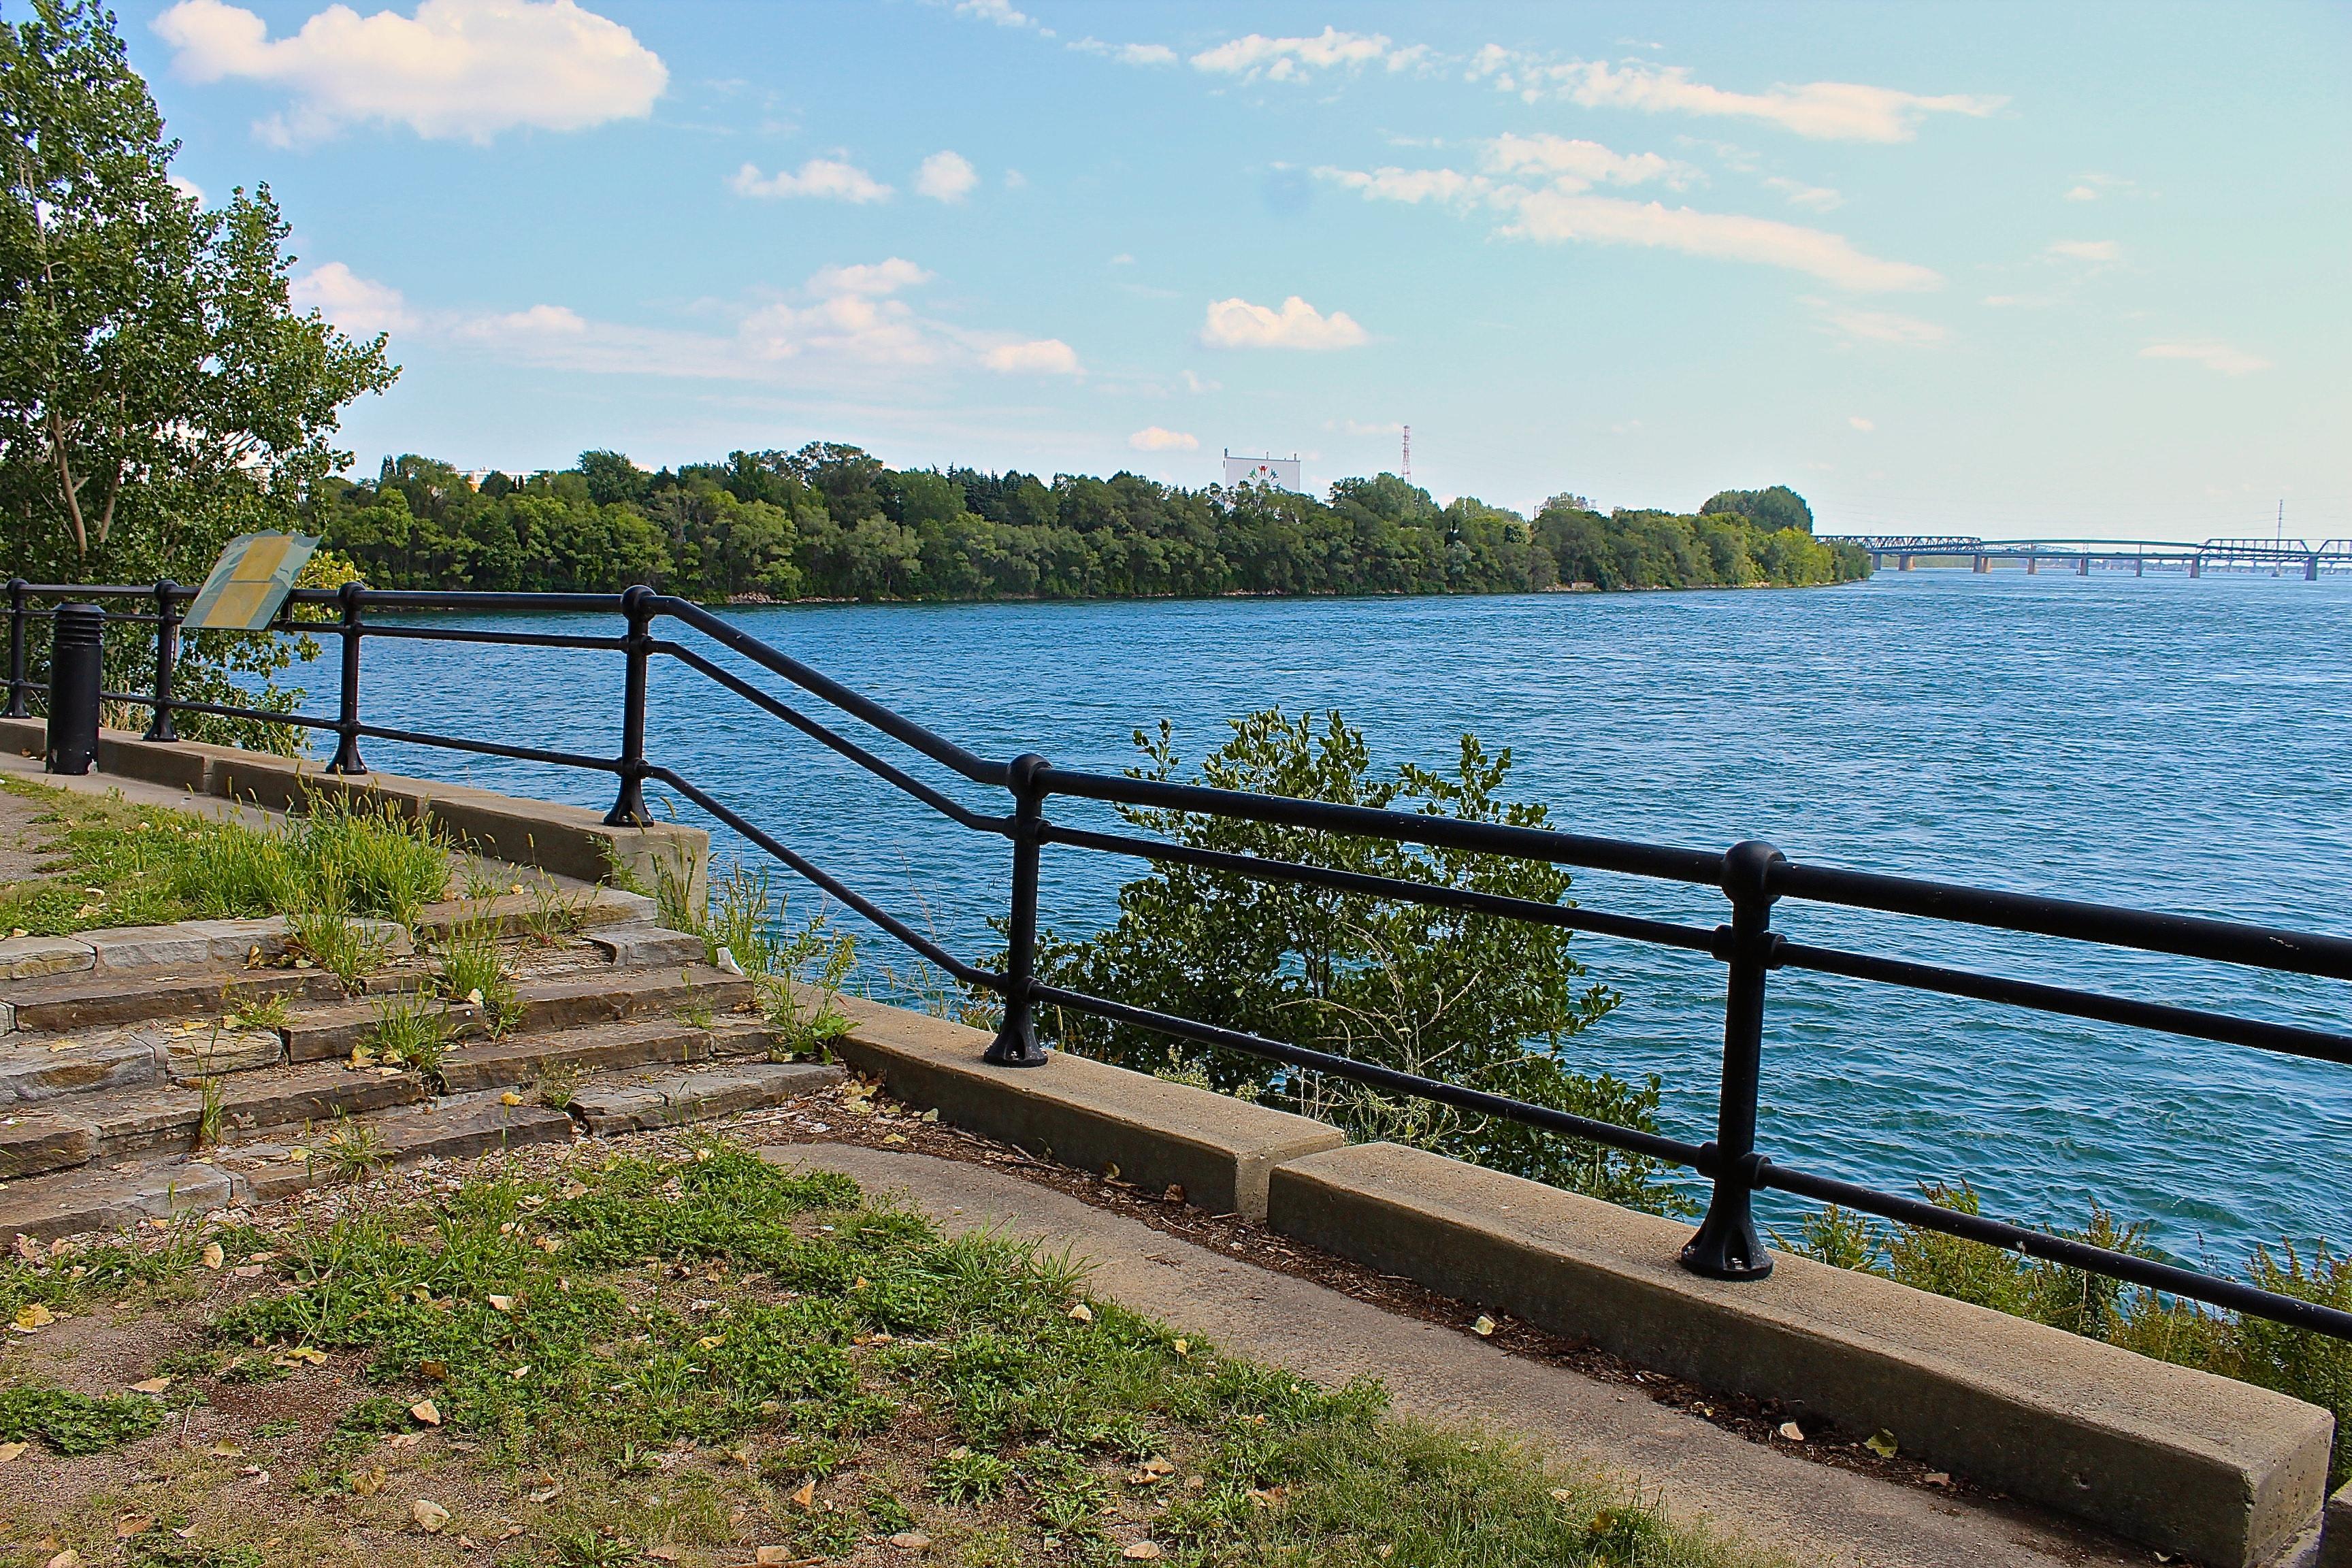 Derelict riverside park near Place des Nations